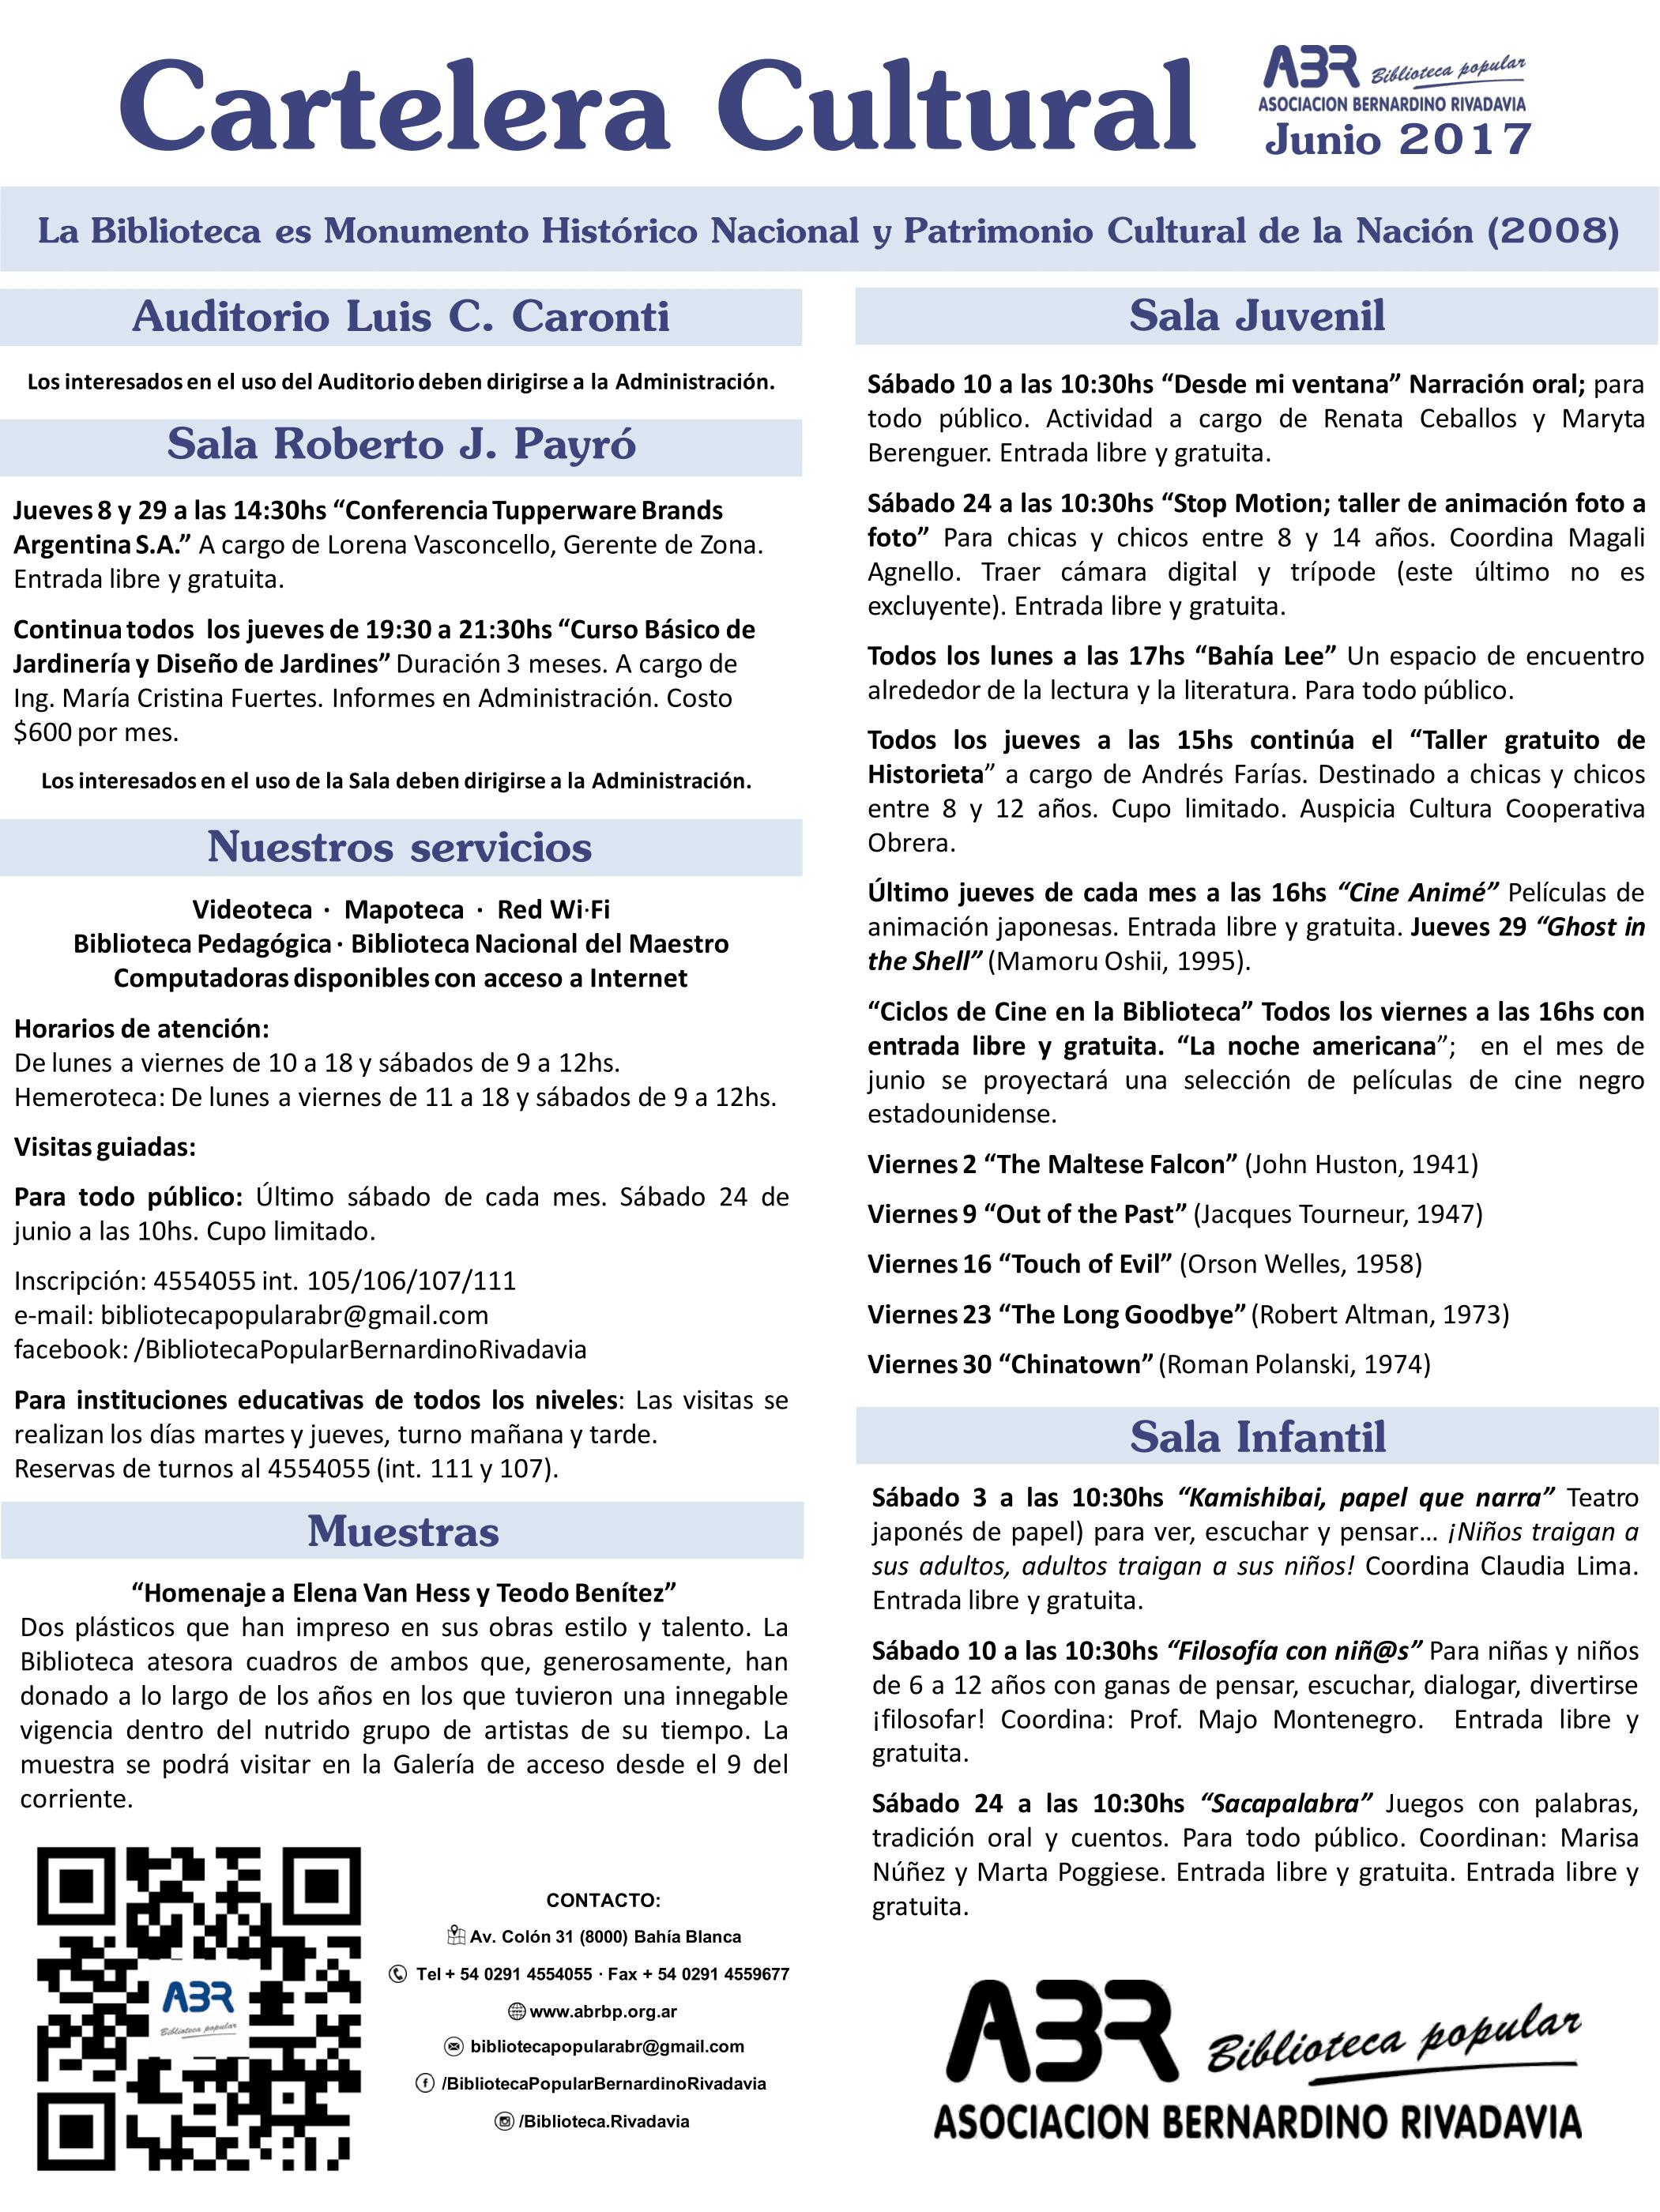 Cartelera-ABR-Junio